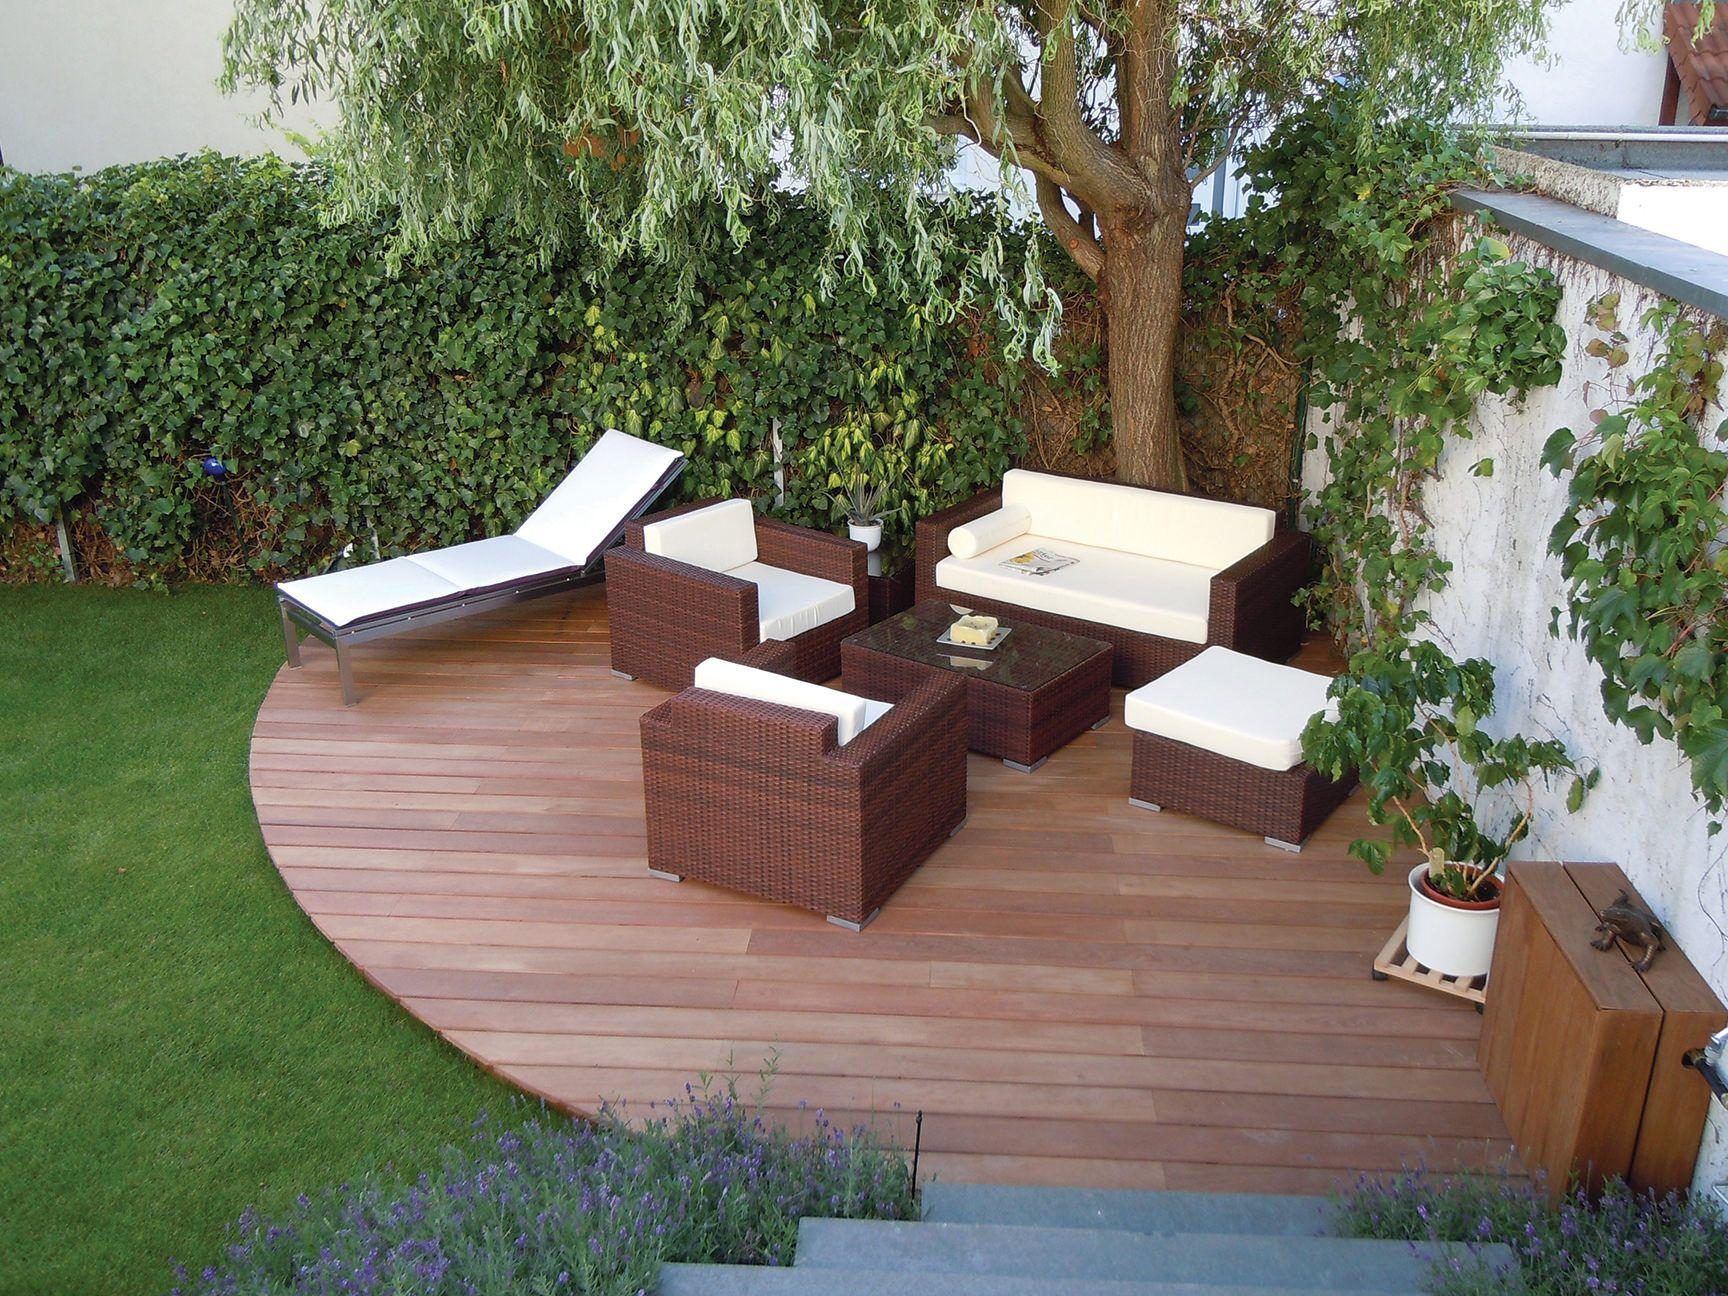 Tolle Ideen für Ihre Garten Projekte finden Sie in unseren Outdoor